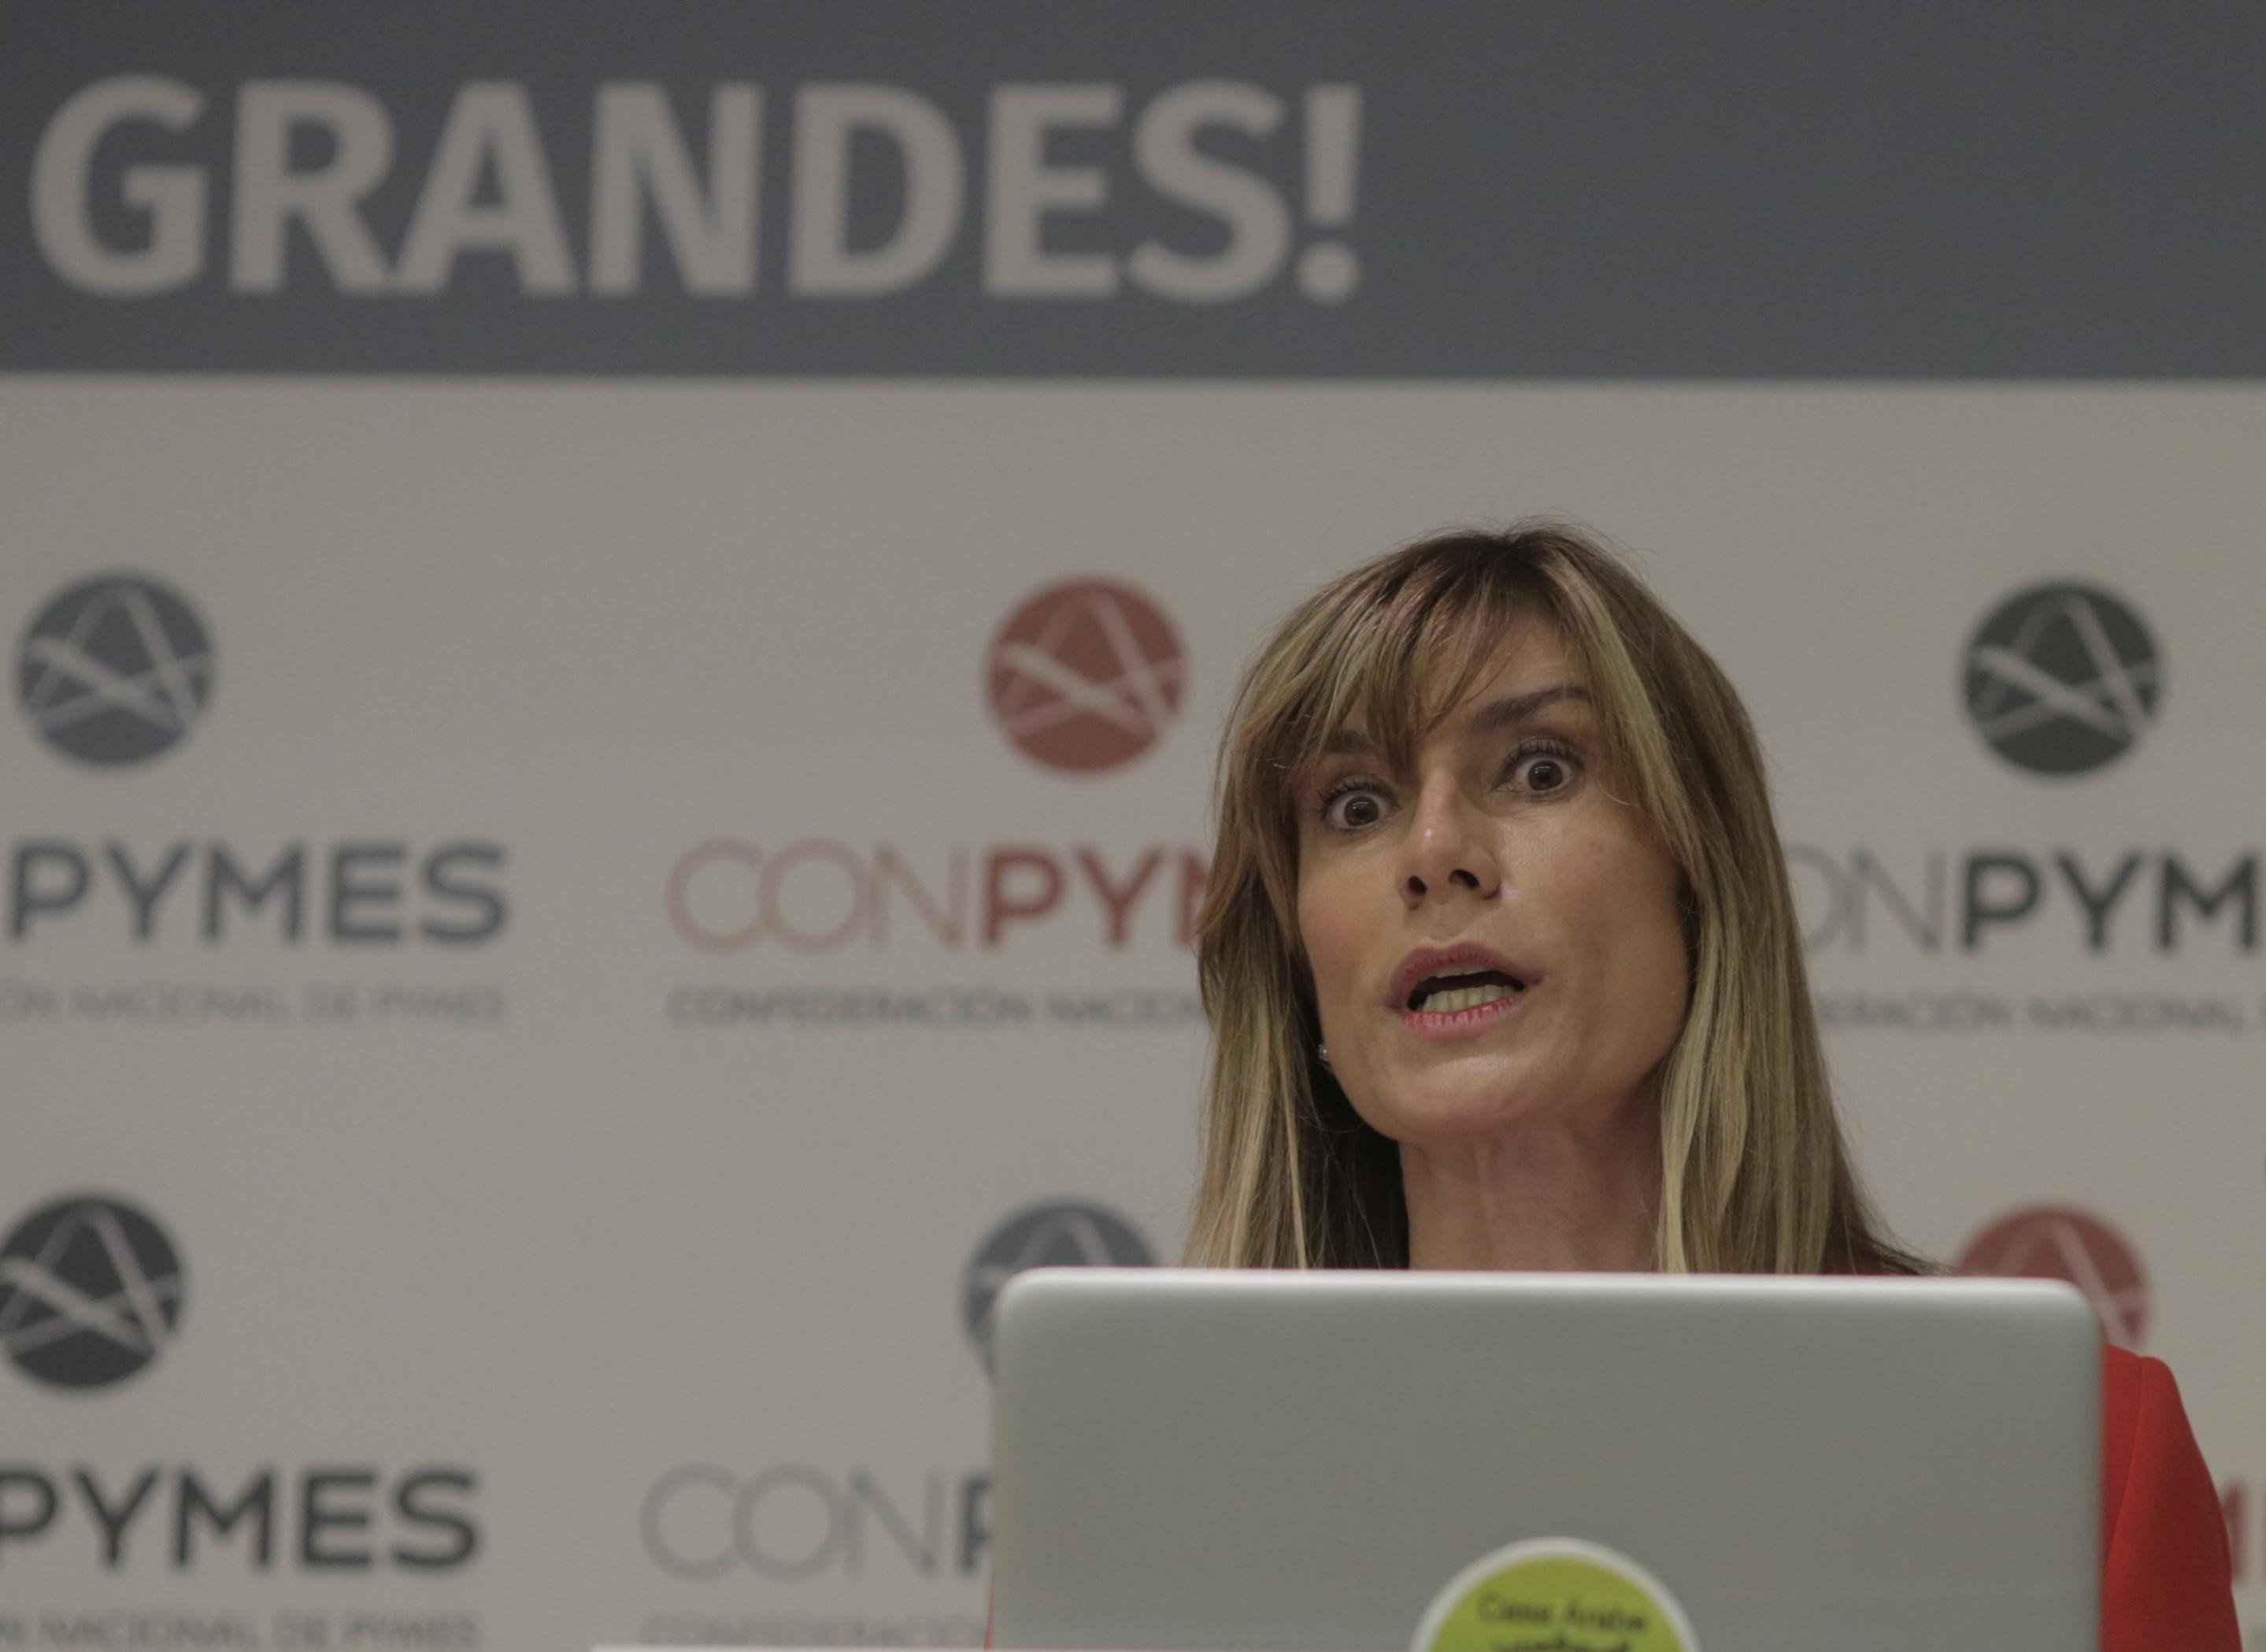 Begoña Gómez, esposa del presidente del Gobierno, este viernes en el lanzamiento de Conpymes